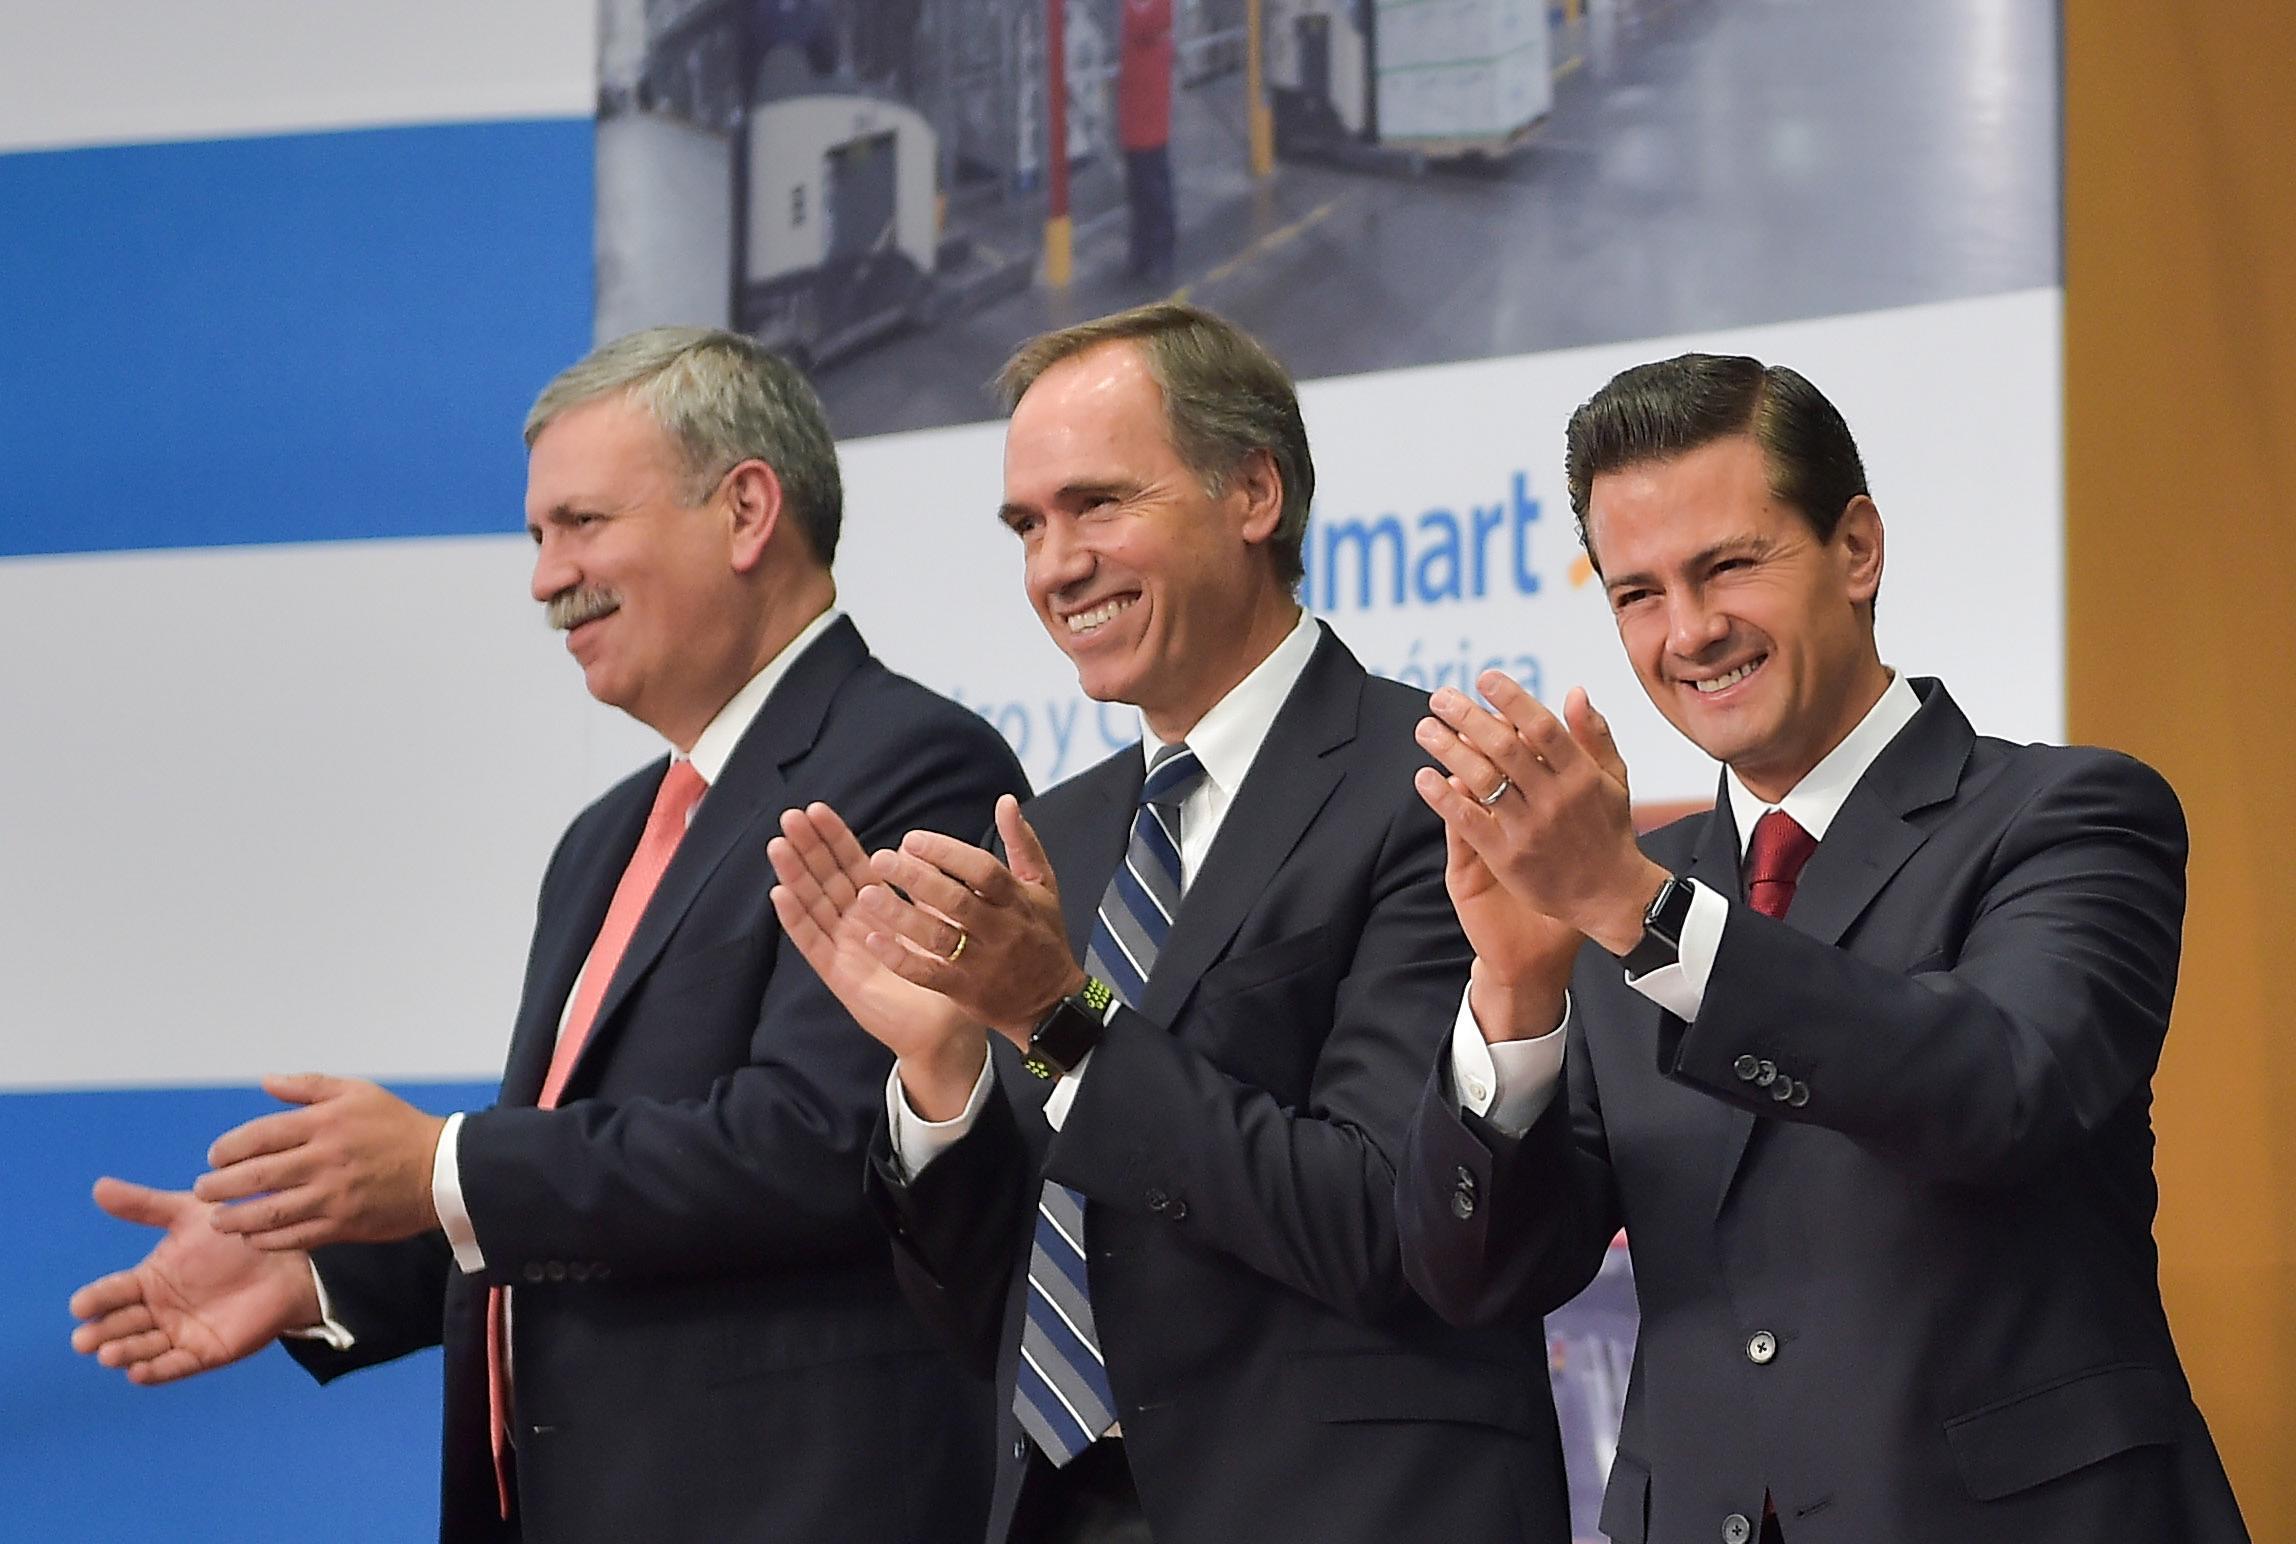 La inversión anunciada por Walmart permitirá la generación de 10 mil empleos directos, que se suman a los 200 mil que la empresa ya genera en México.